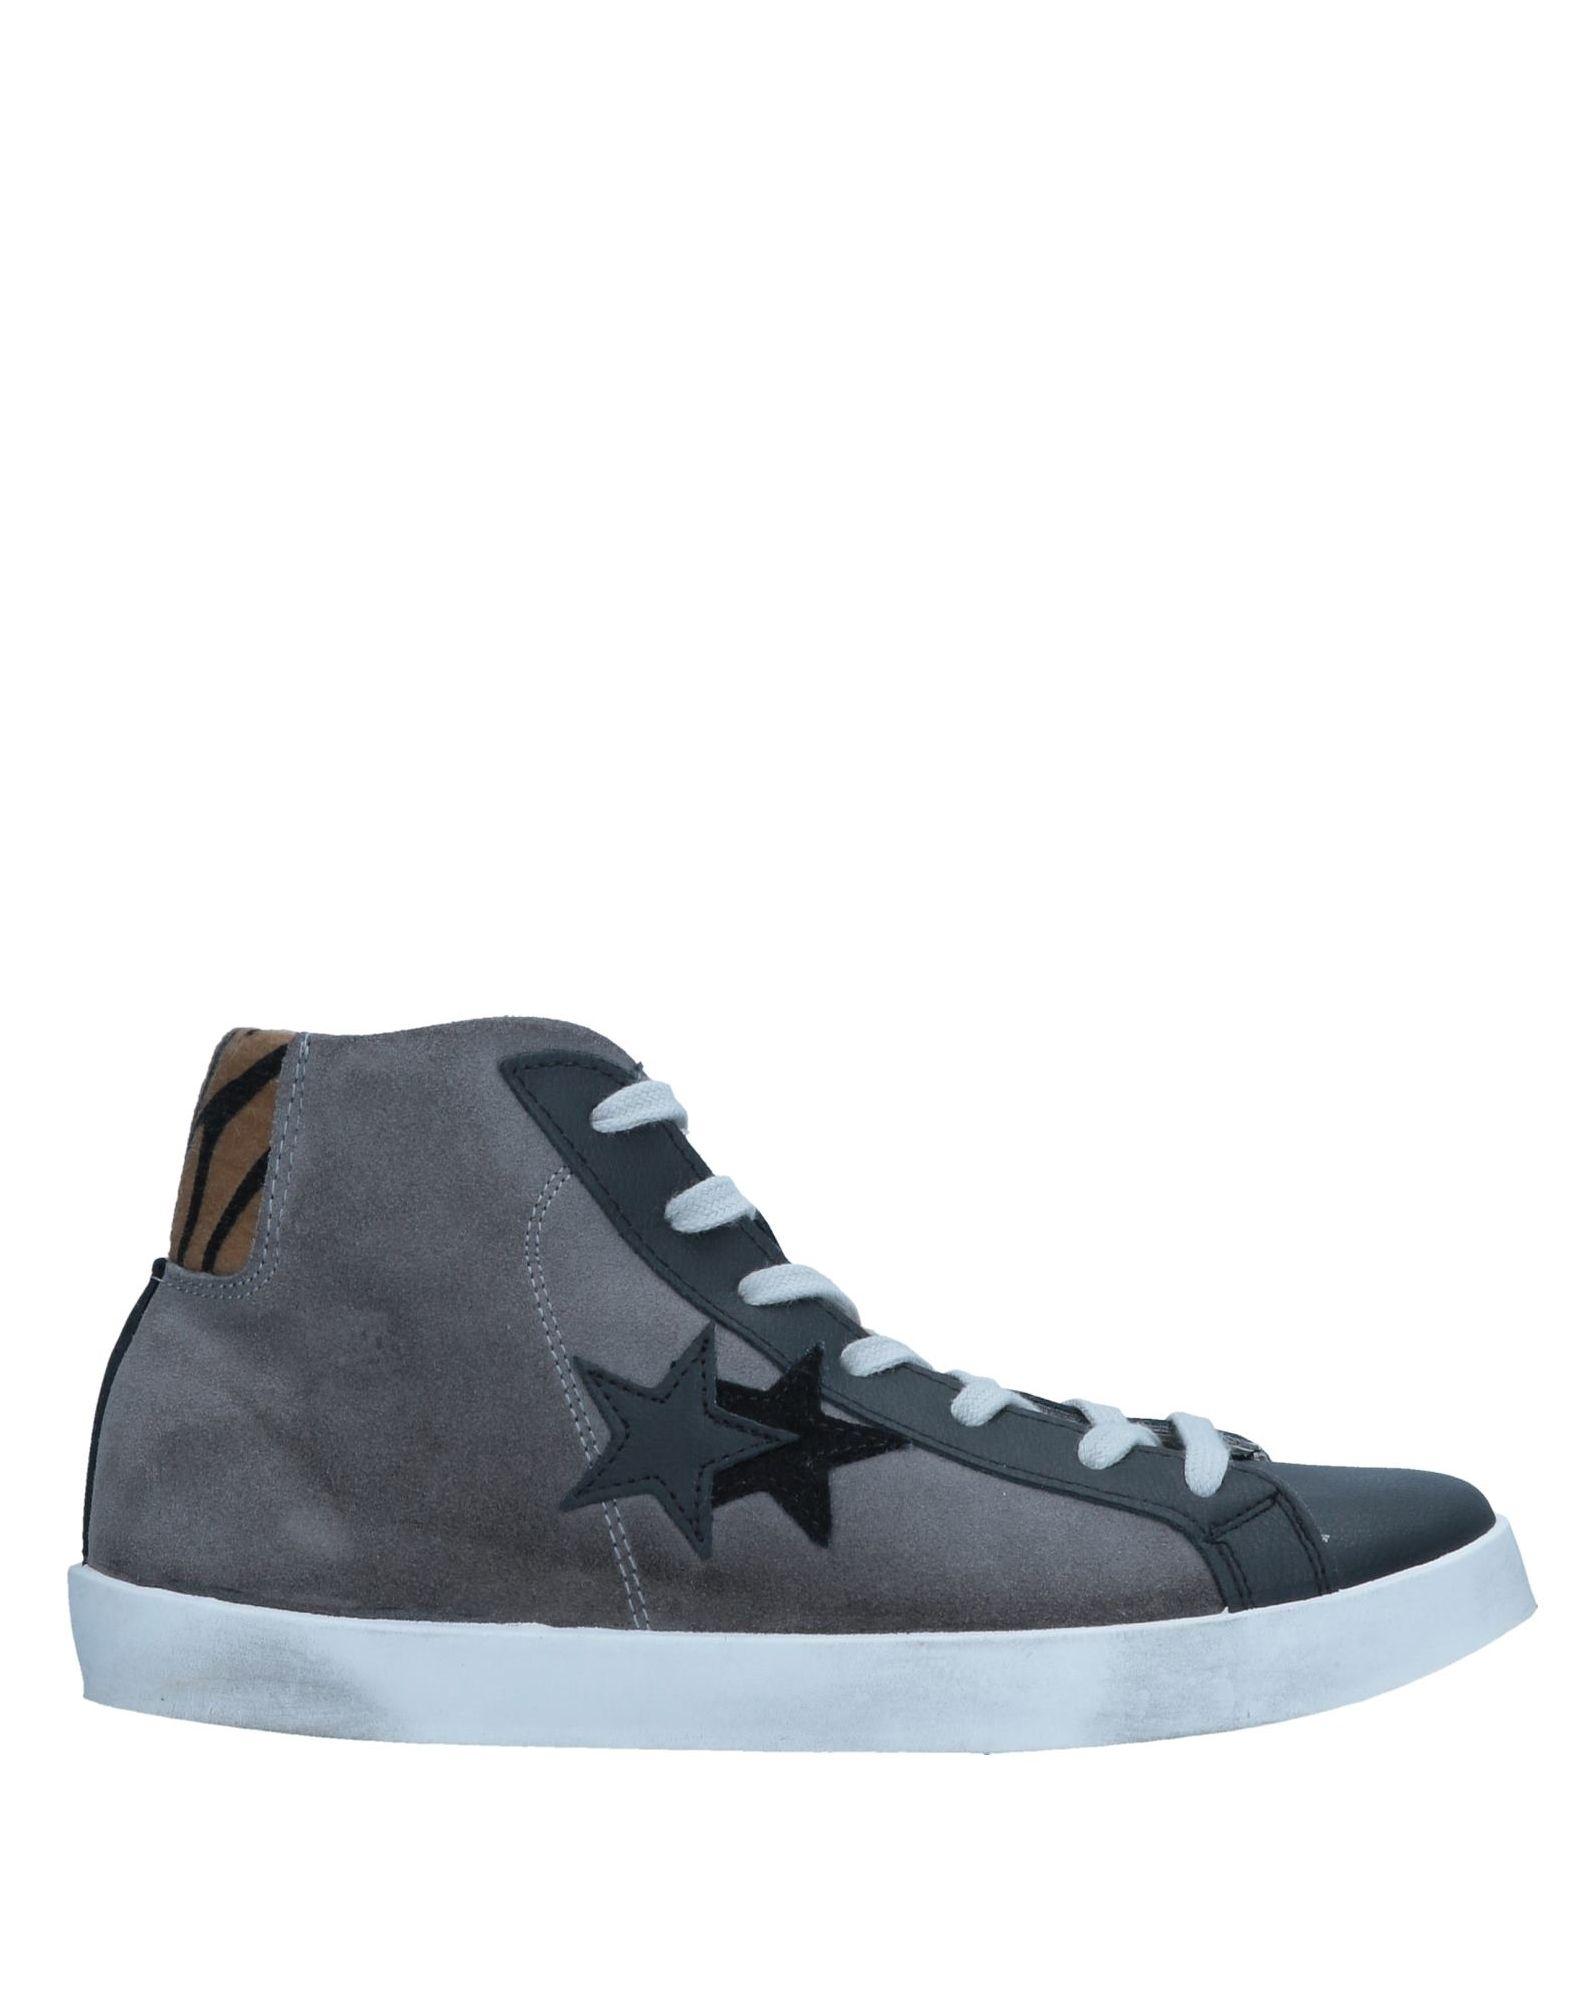 Rabatt echte Schuhe 2Star Sneakers Herren Herren Herren  44896024CM f1cfce